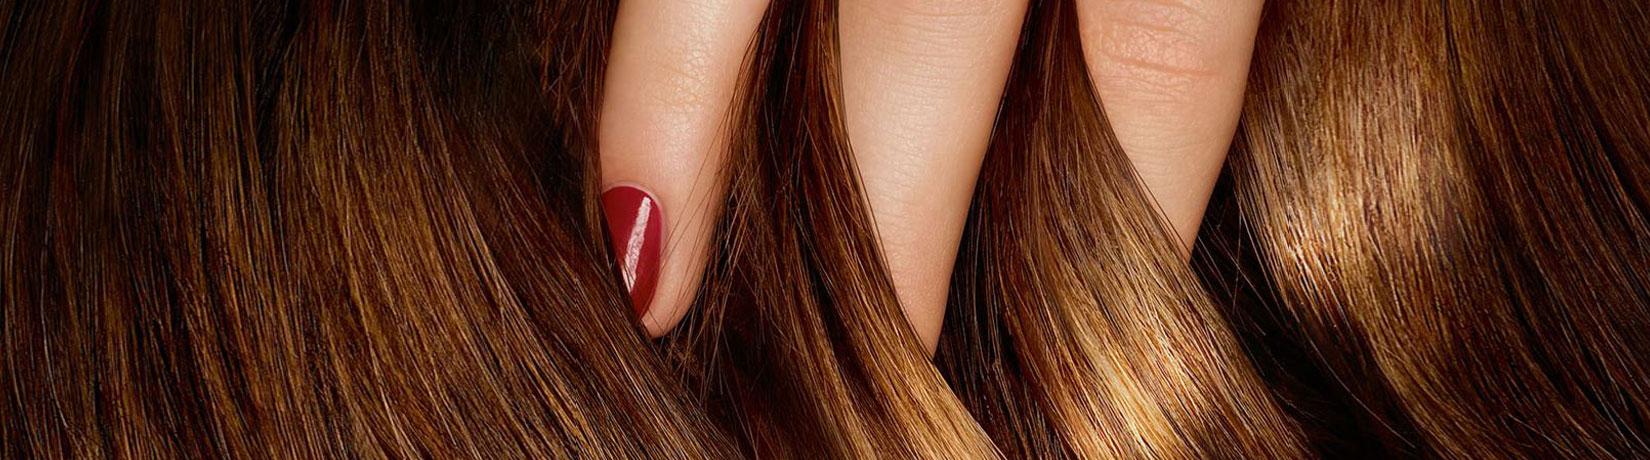 Визначте свій тип волосся